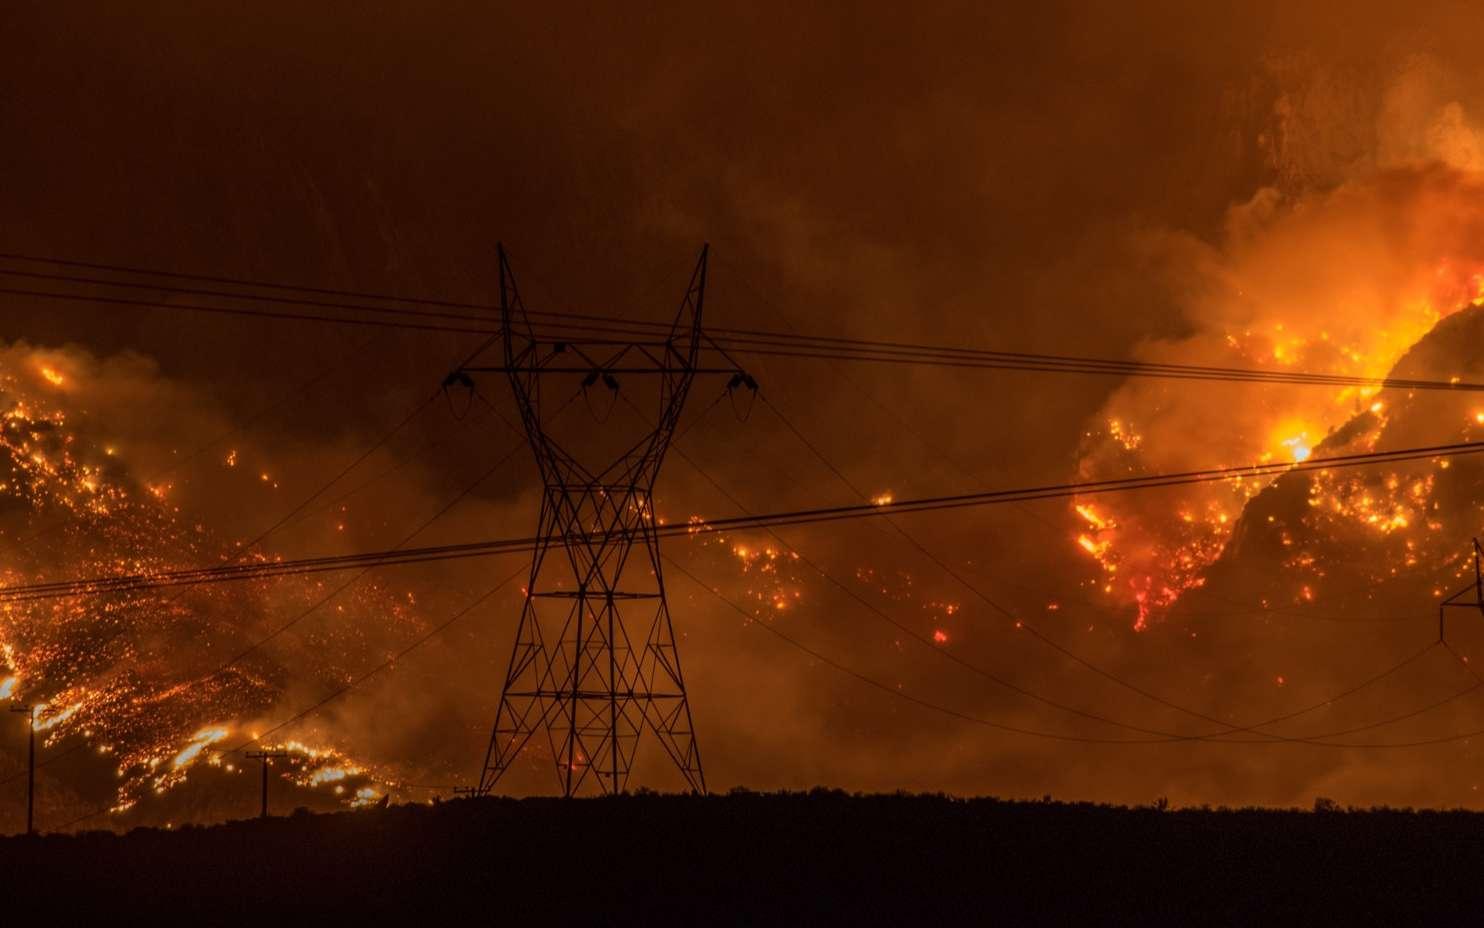 Au nord de San Francisco, quelque 200.000 personnes sont sommées d'évacuer en raison d'un immense incendie qui frappe l'État de Californie placé en état d'urgence. © Braeden, Adobe Stock